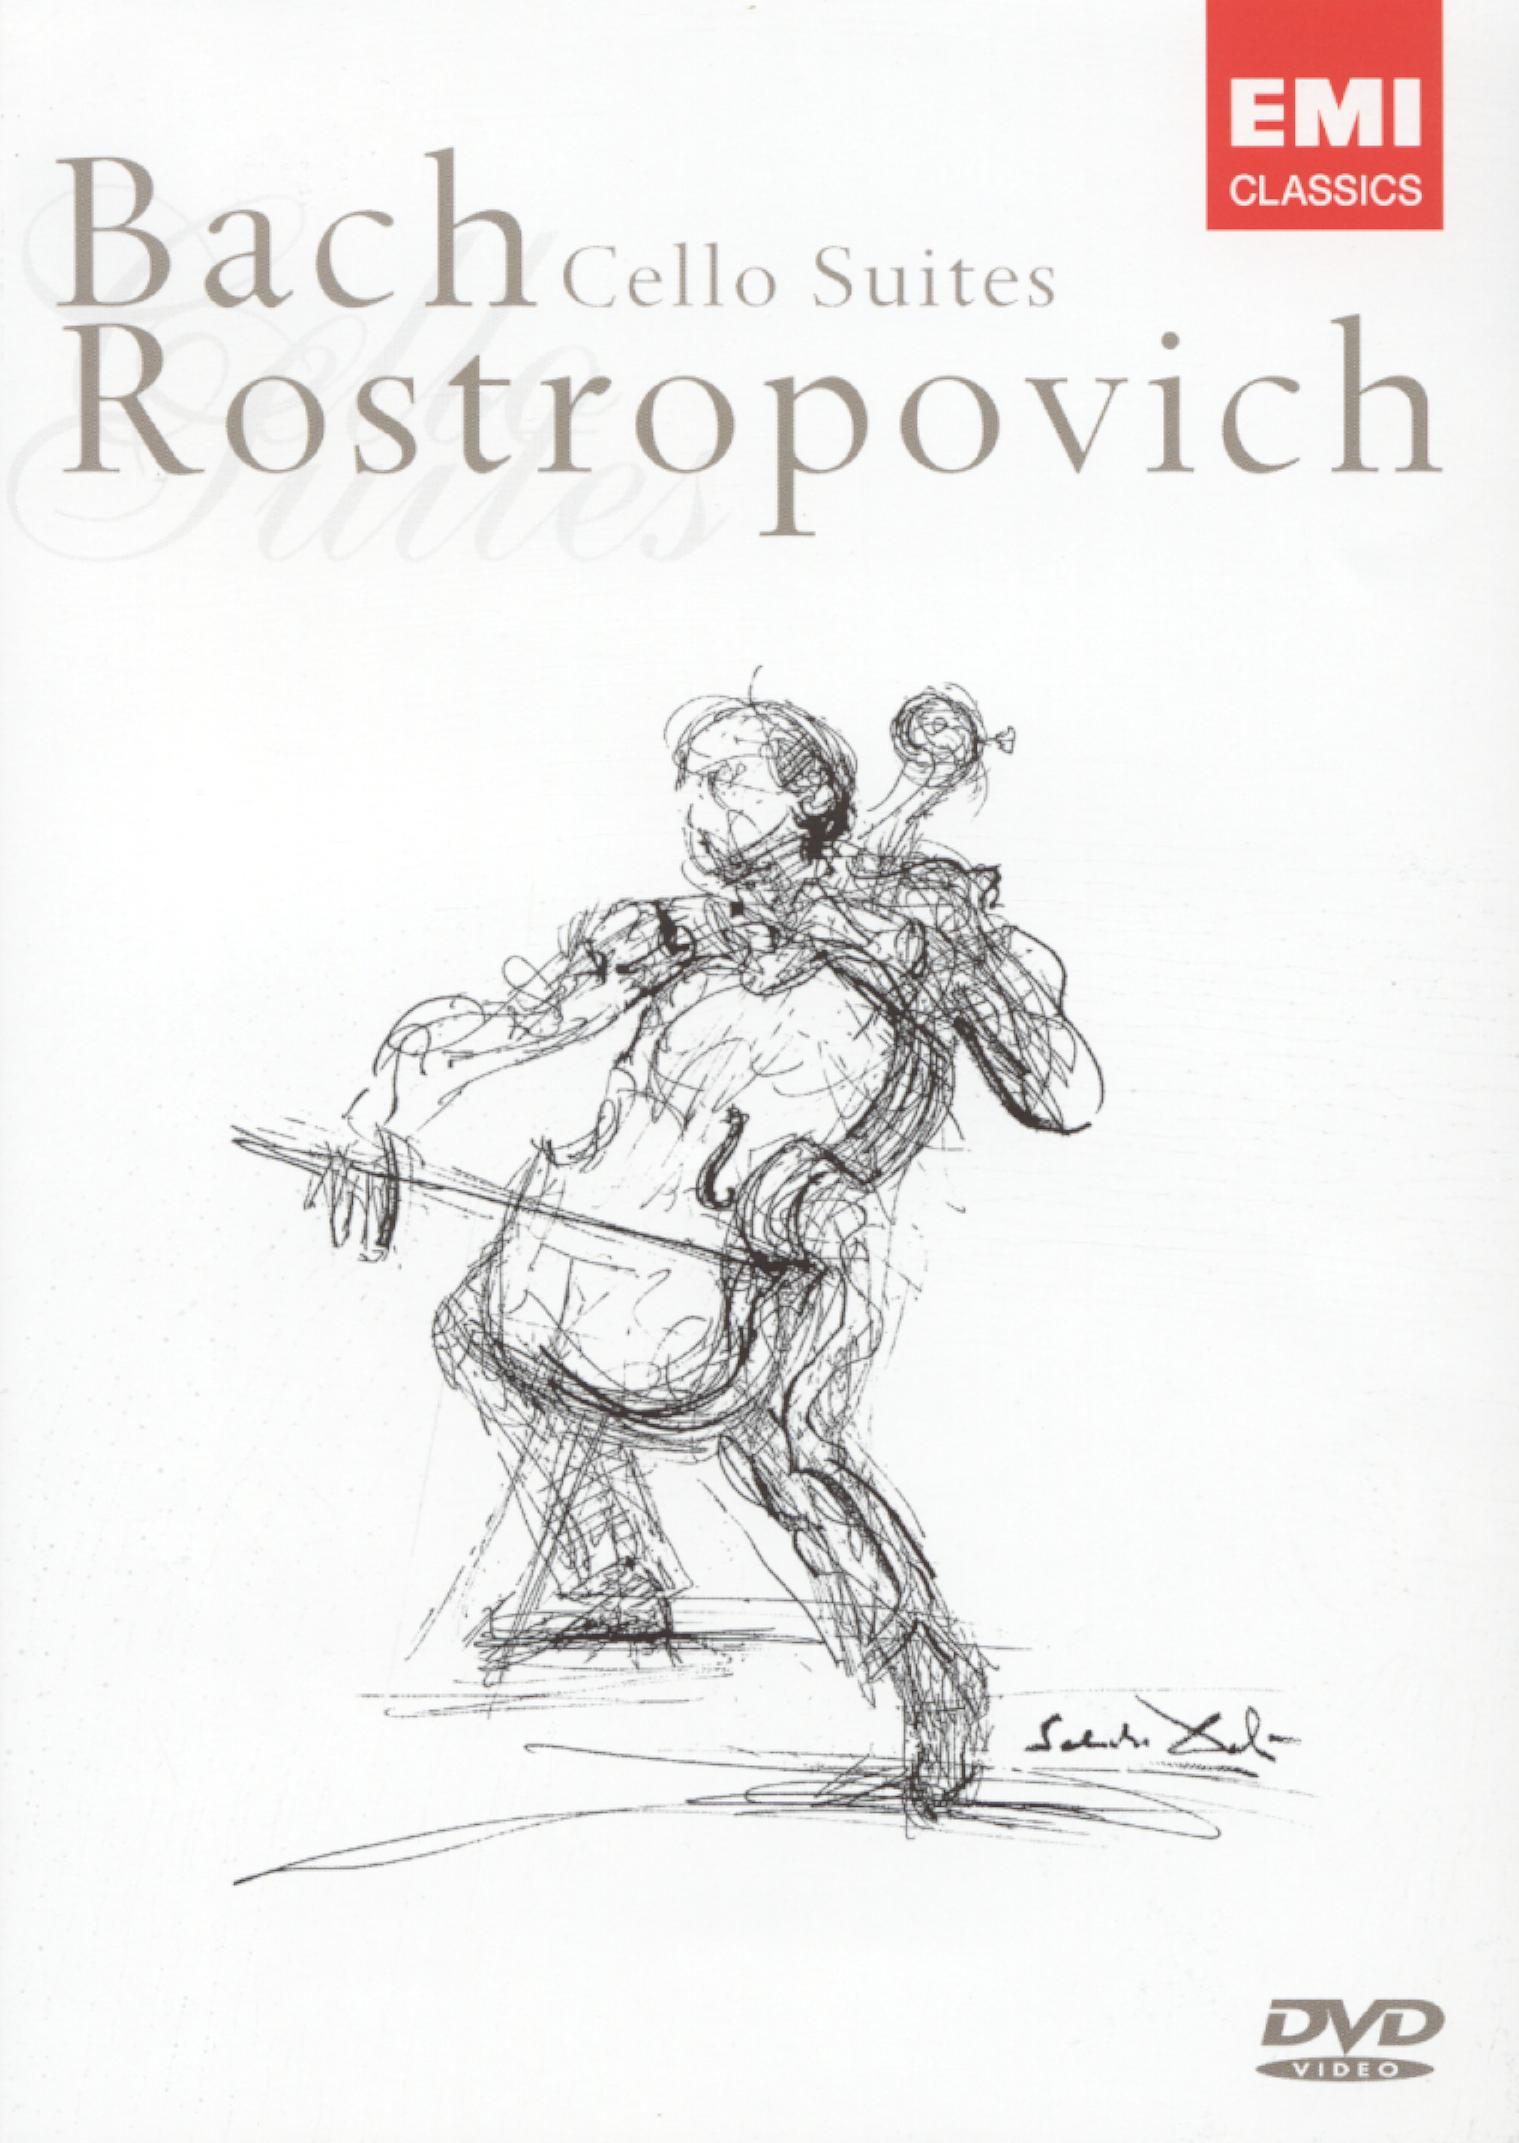 Rostropovich: Bach - Cello Suites